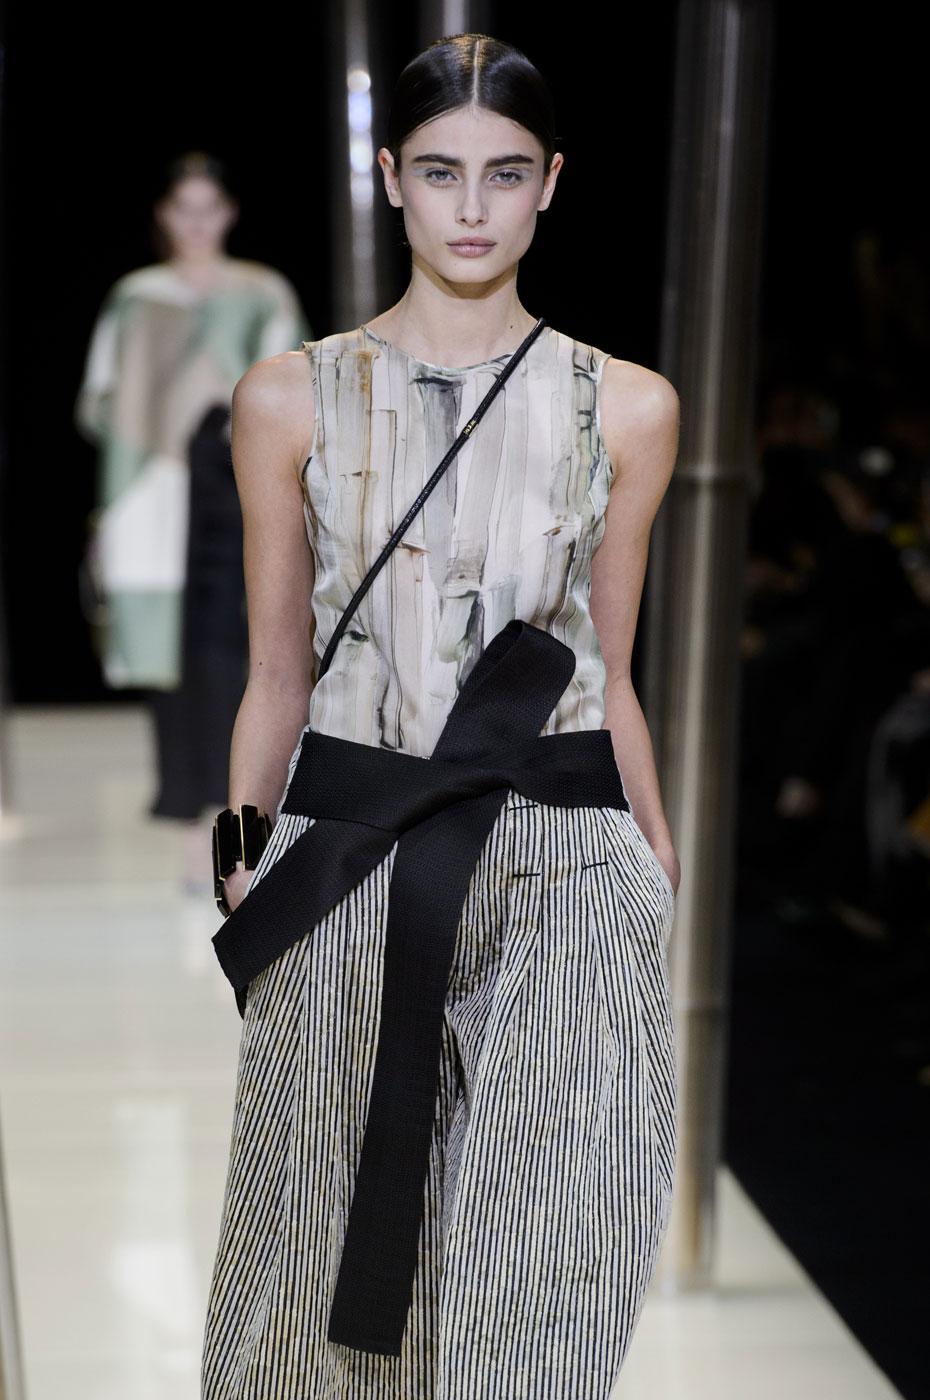 Giorgio-armani-Prive-fashion-runway-show-haute-couture-paris-spring-2015-the-impression-028